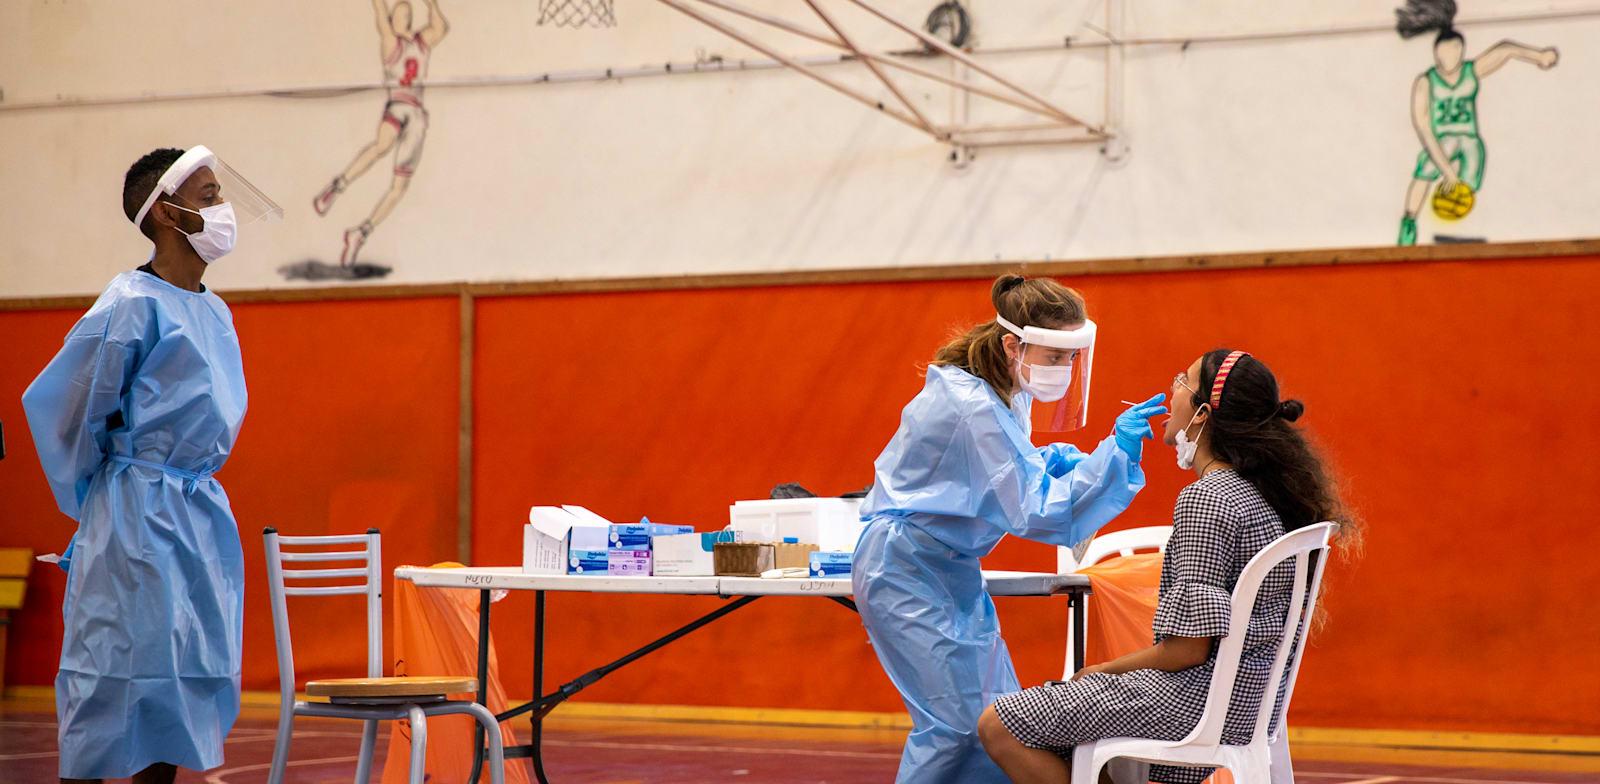 בדיקות קורונה לתלמידים בבית ספר בבנימינה ביוני האחרון / צילום: Associated Press, Ariel Schalit